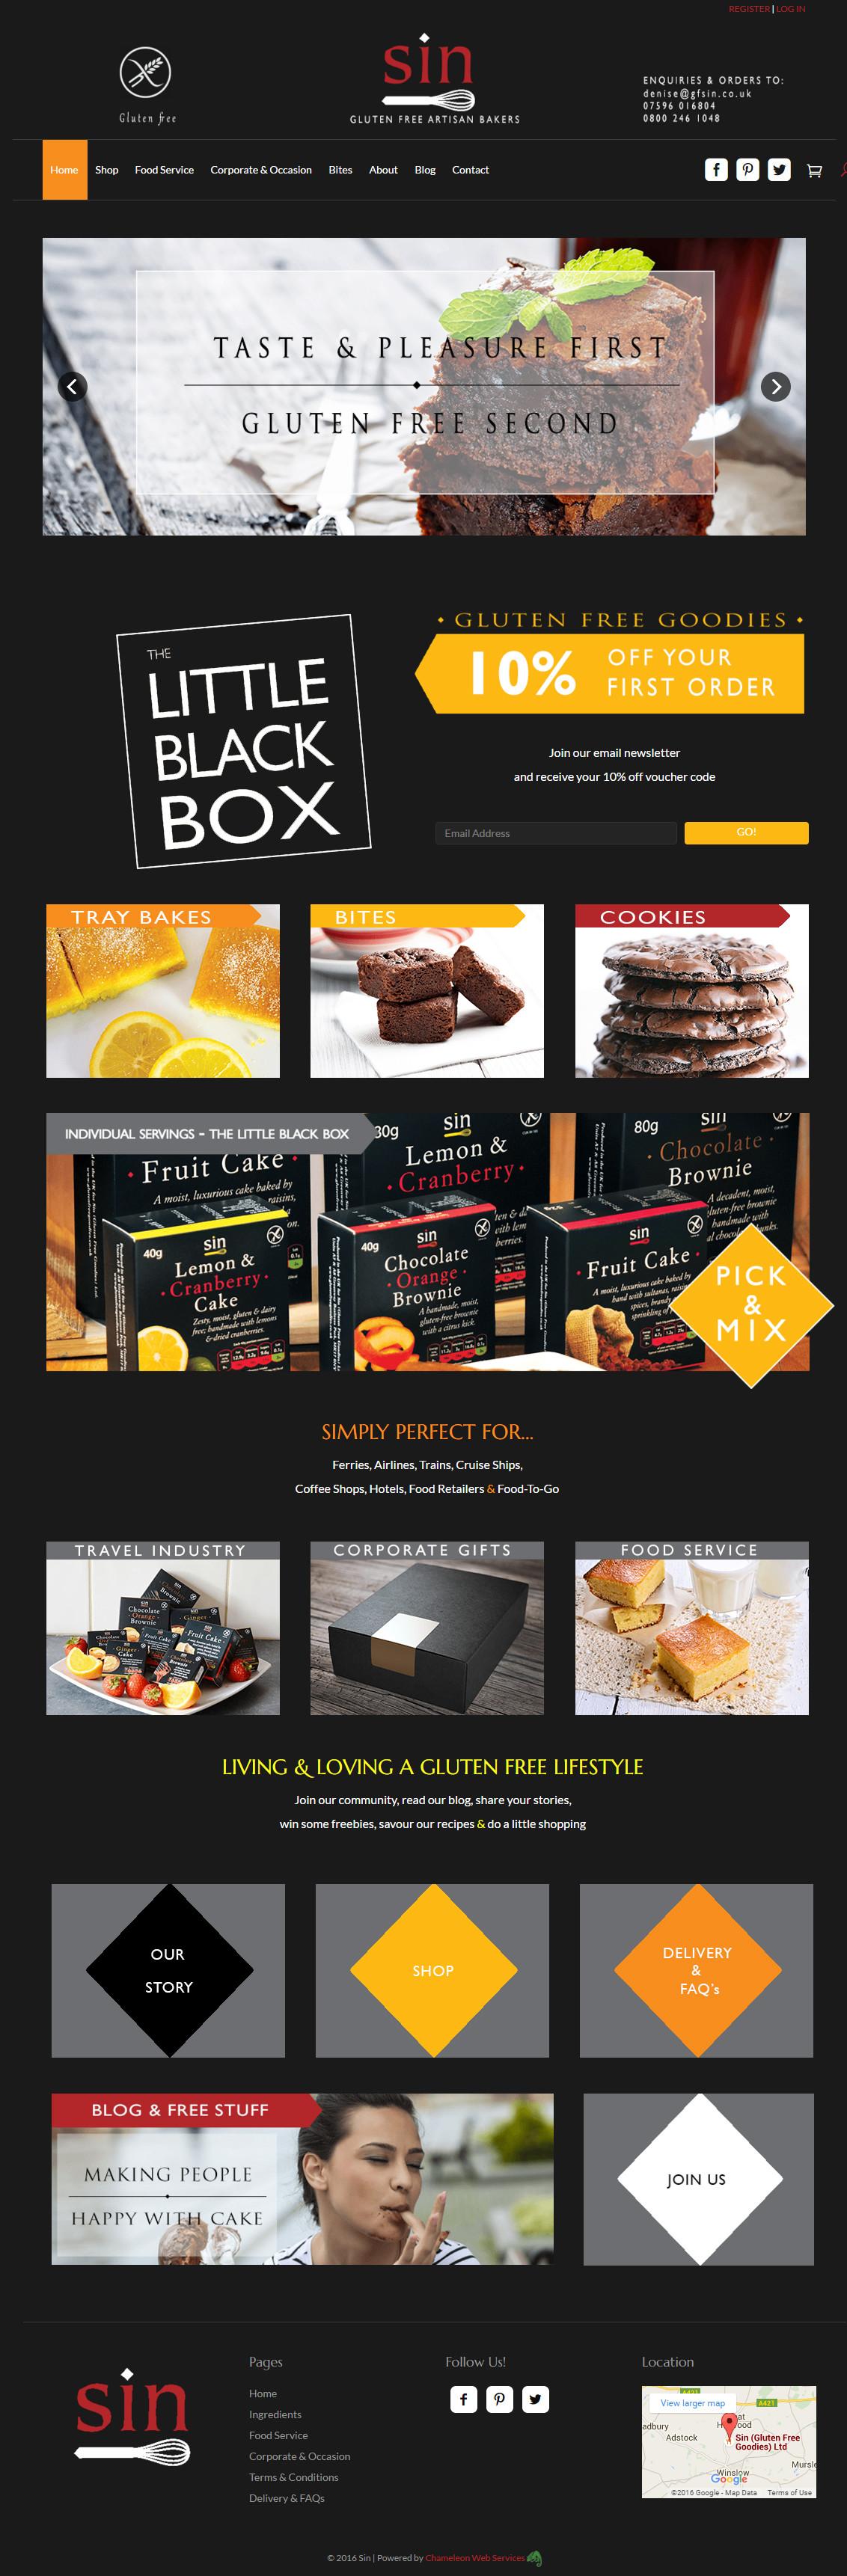 gluten free goodies website